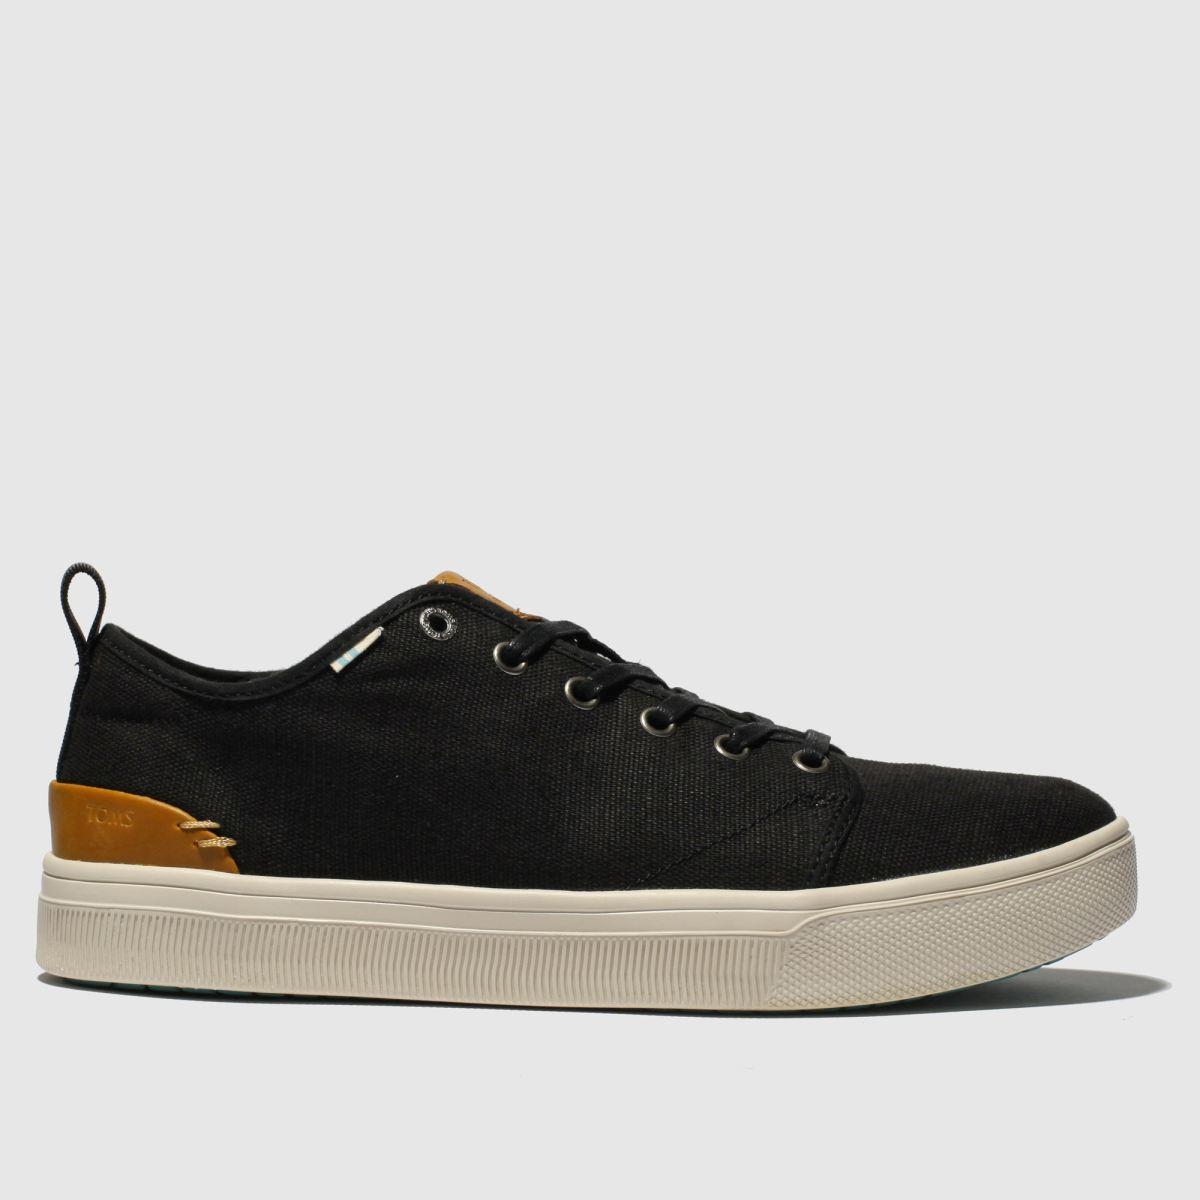 Toms Black Trvl Lite Low Shoes